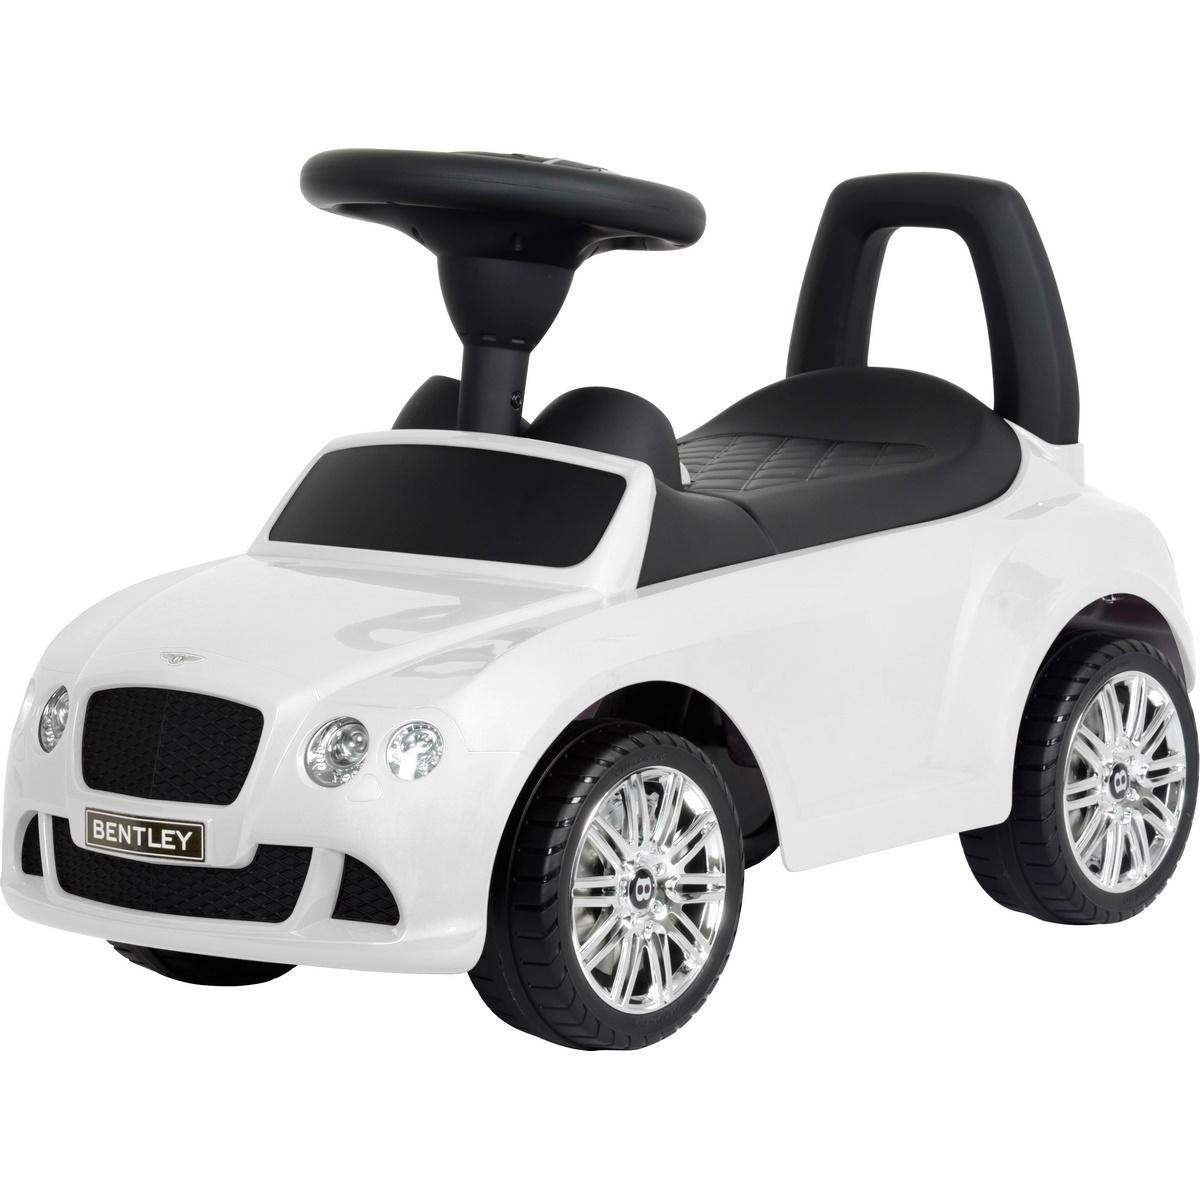 Odrážedlo Buddy Toys plastové BPC 5120 Bentley